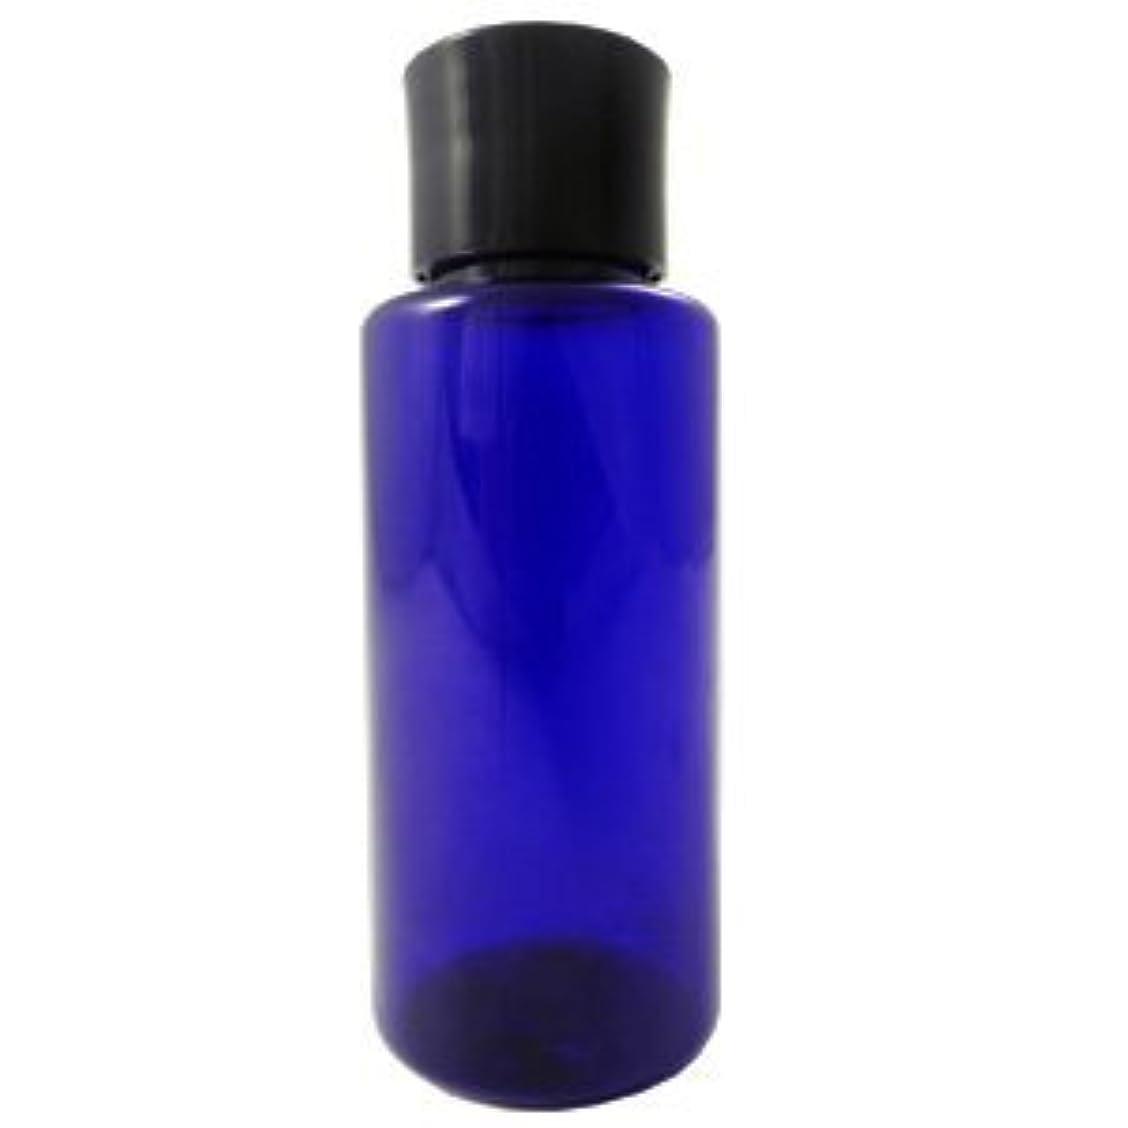 復活する尊敬するタクトPETボトル コバルトブルー (青) 50ml *化粧水用中栓